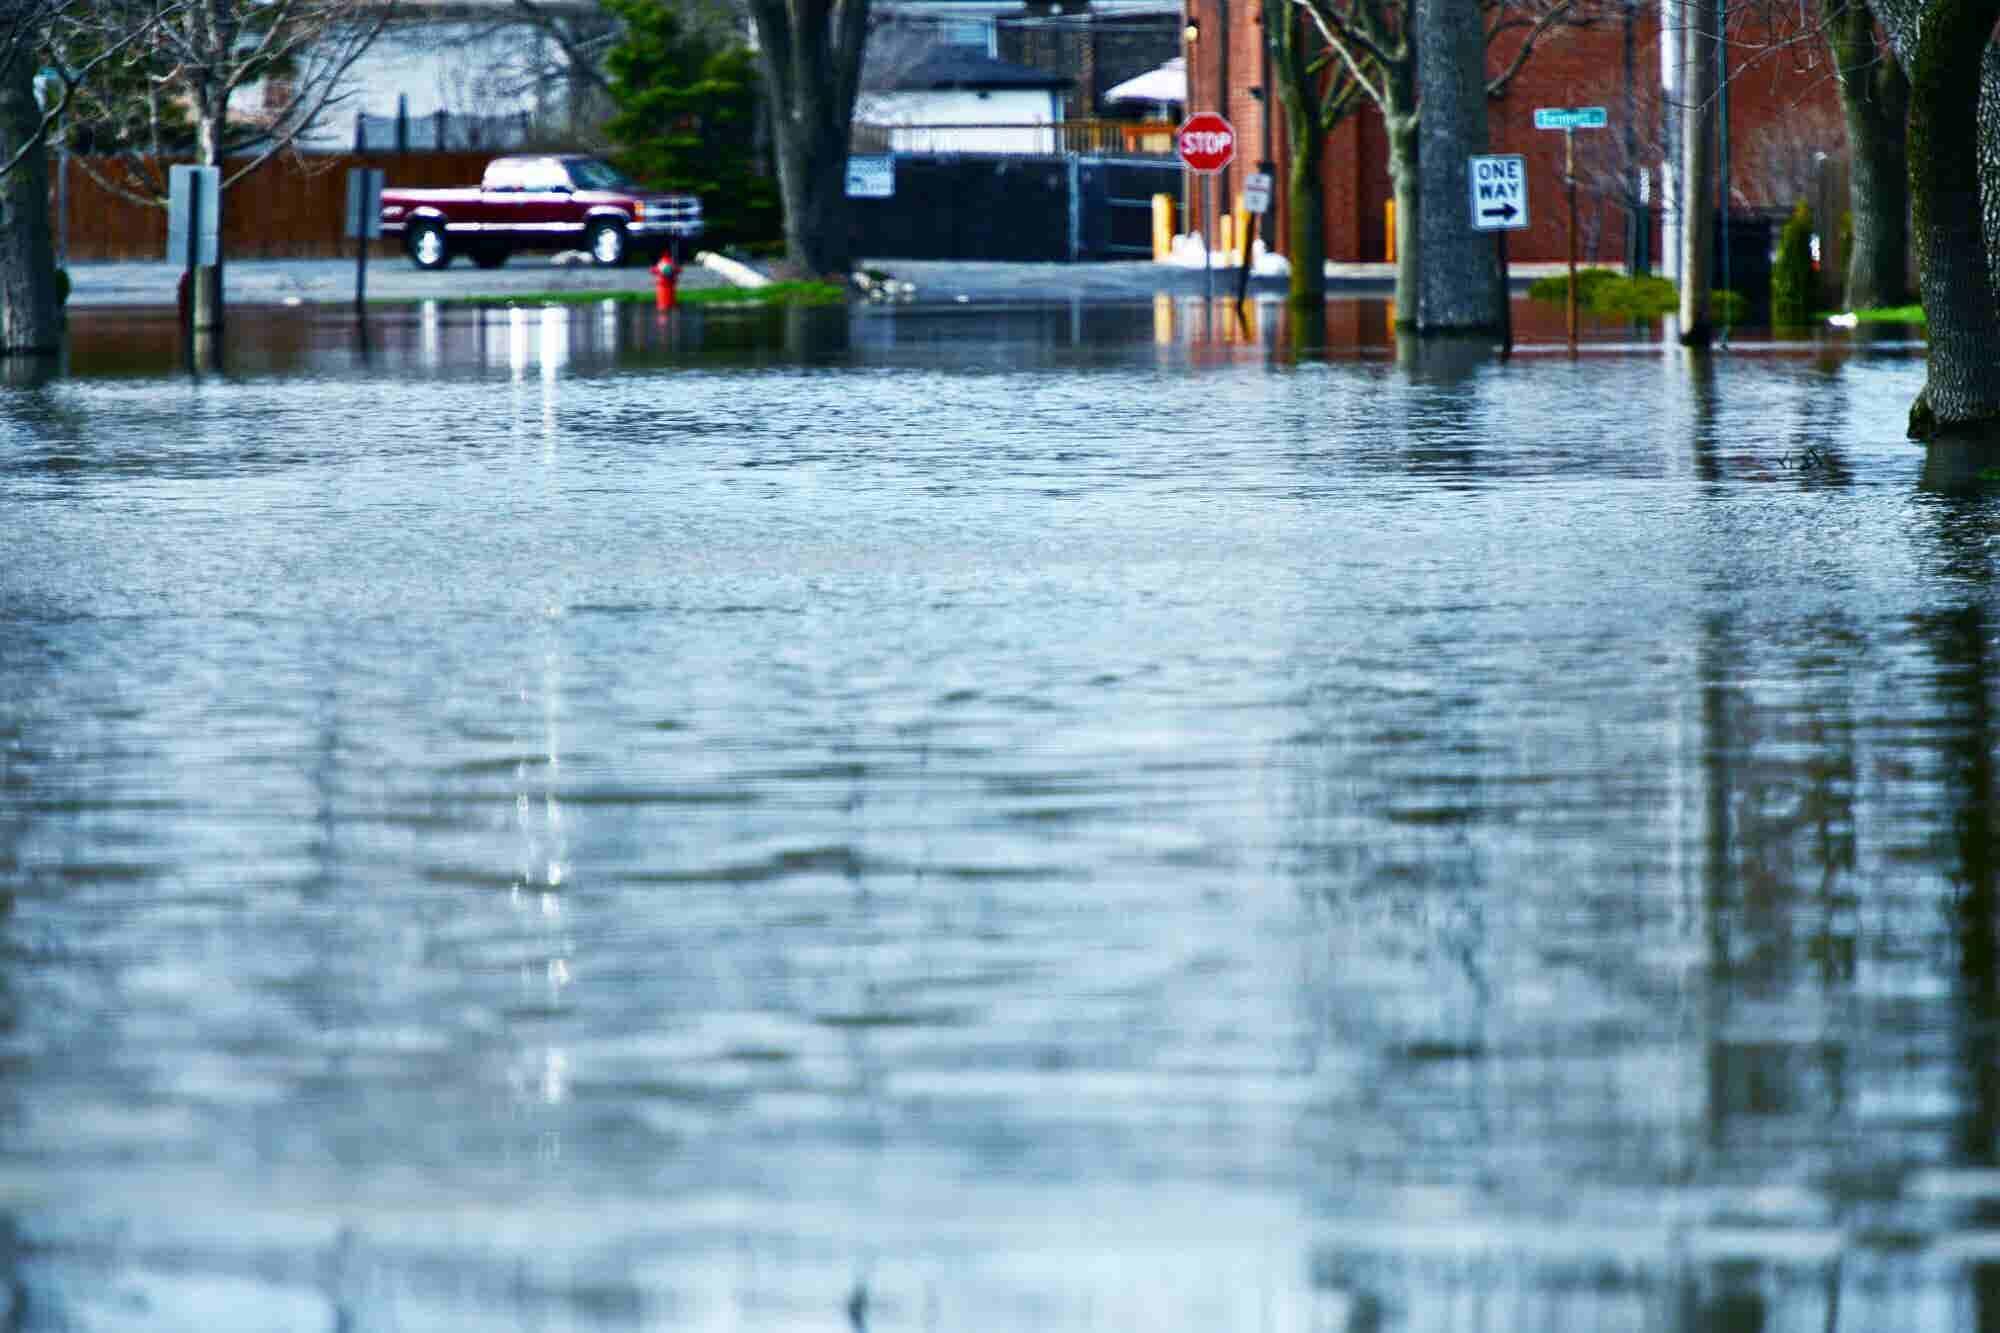 ¿Sabes cómo puedes proteger tu local de las lluvias y otros desastres naturales?